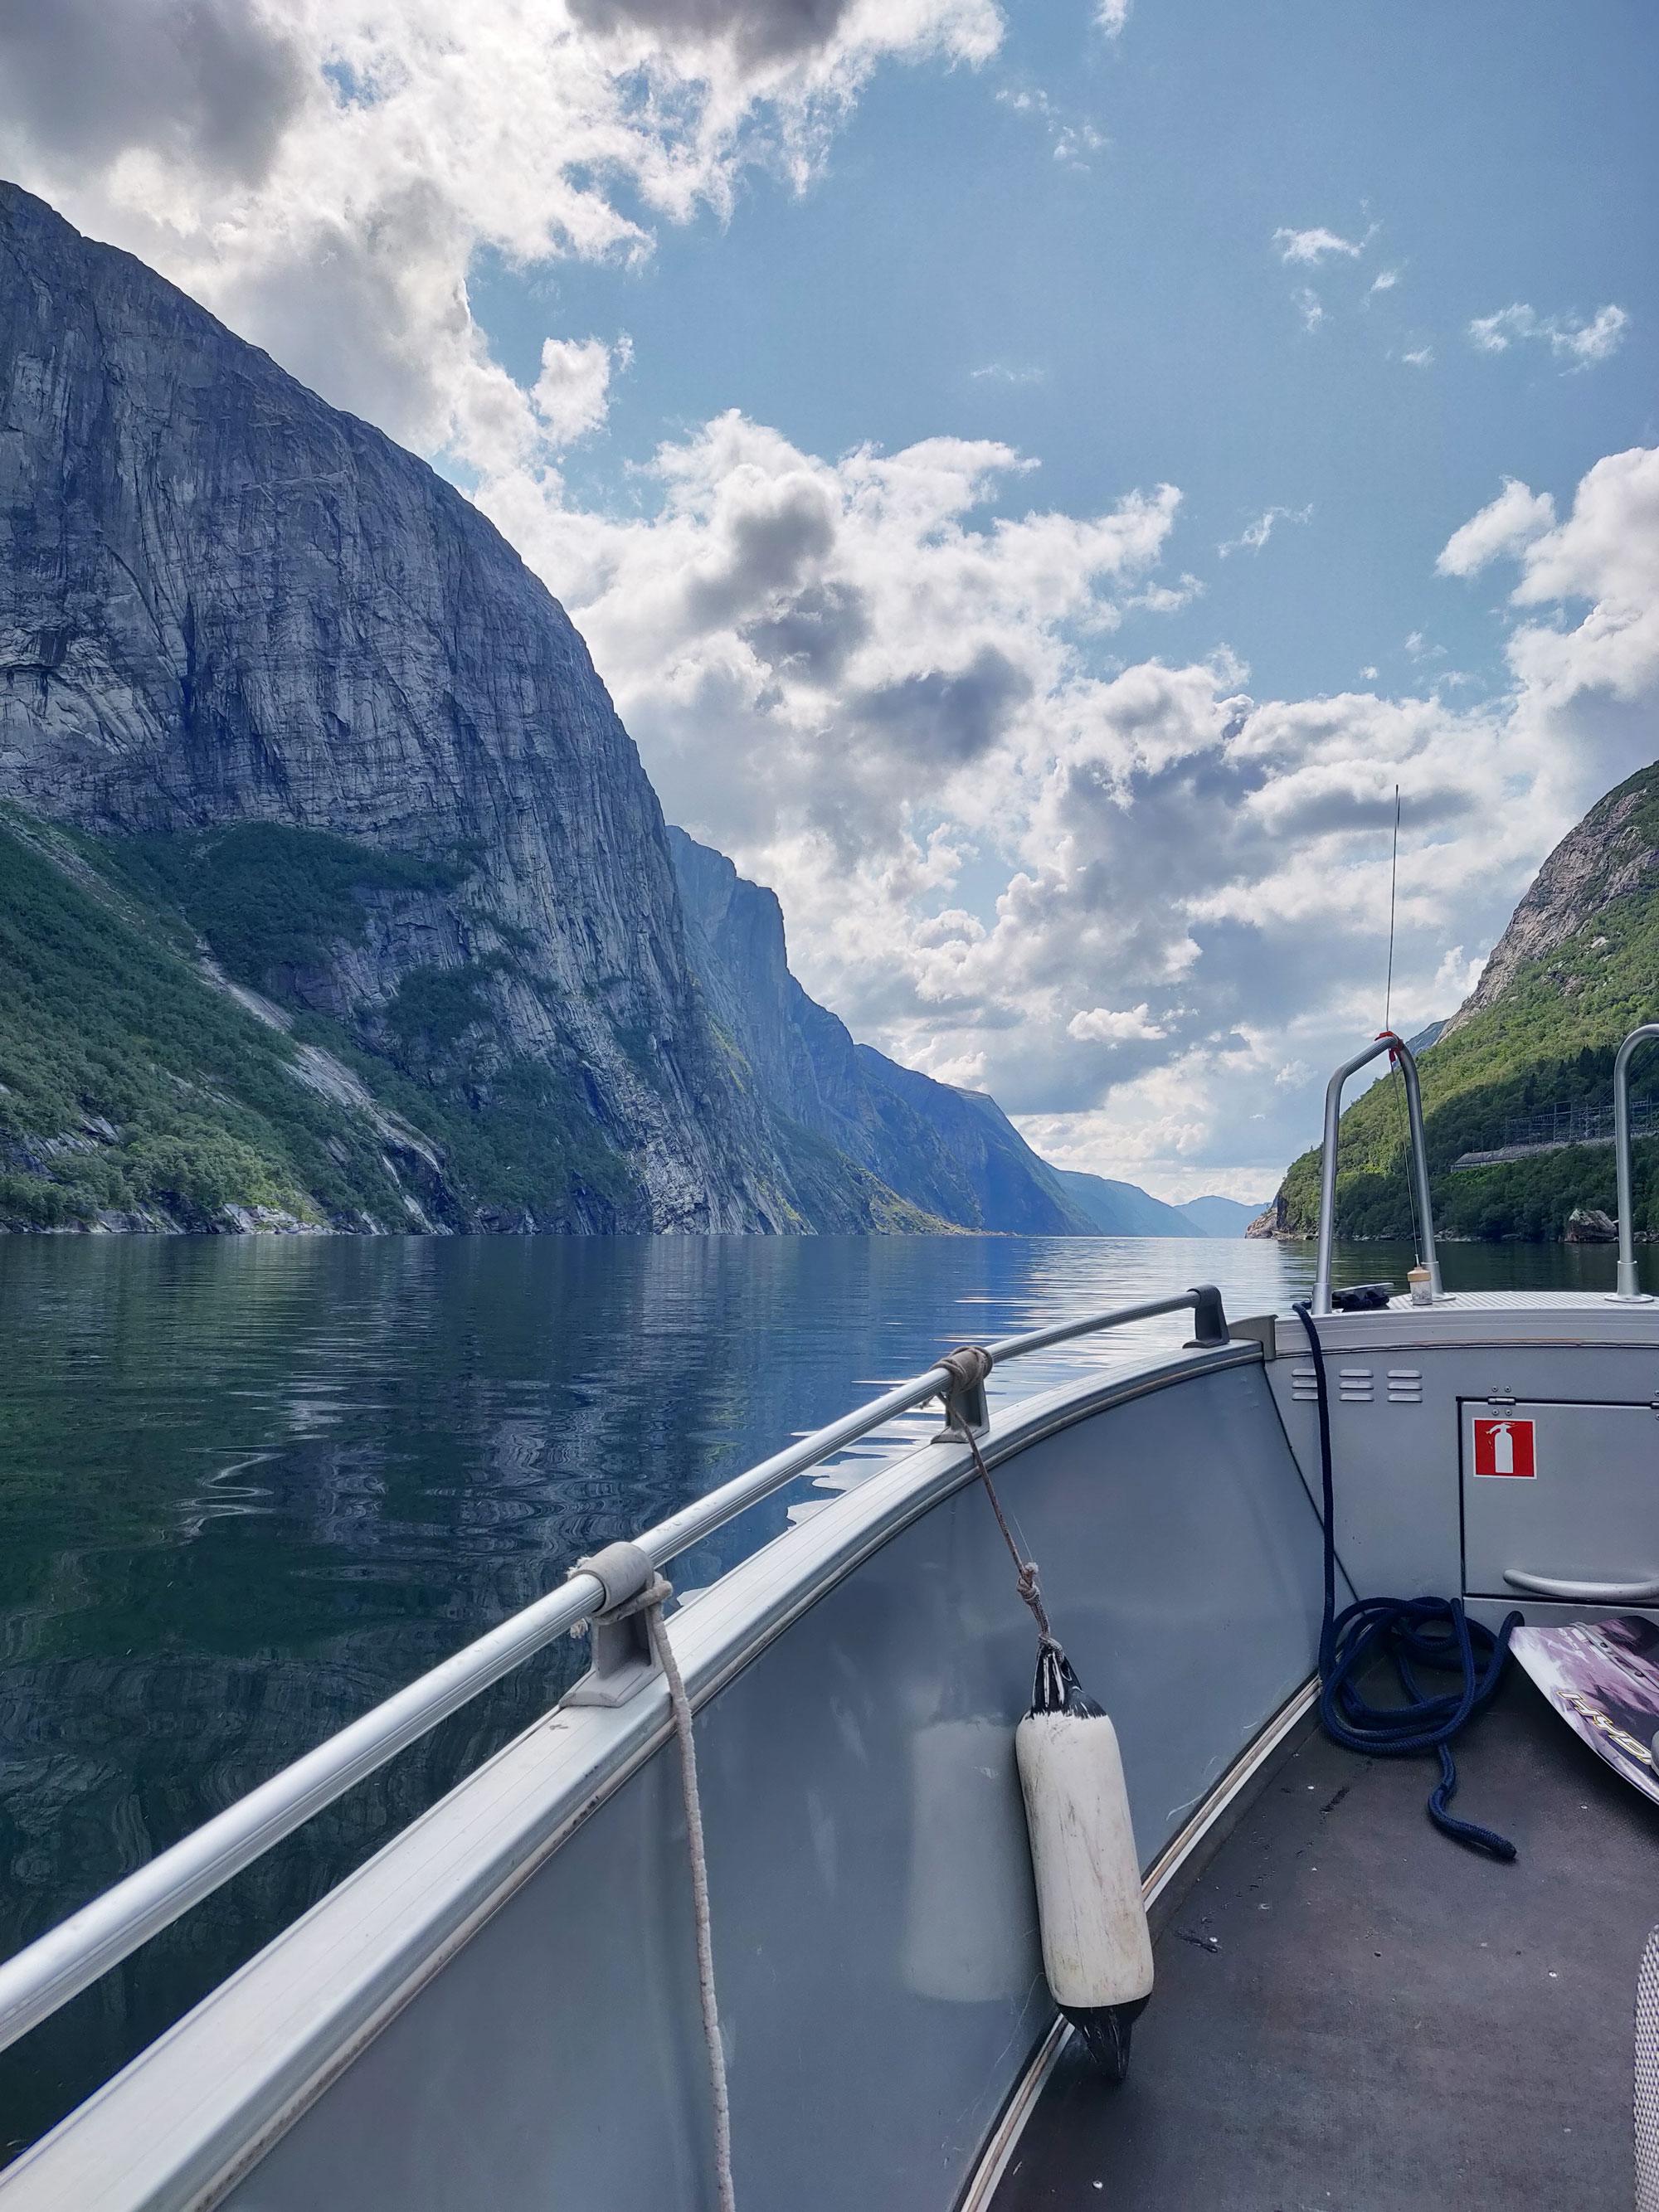 Veneessä matkalla laskeutumisalueelle